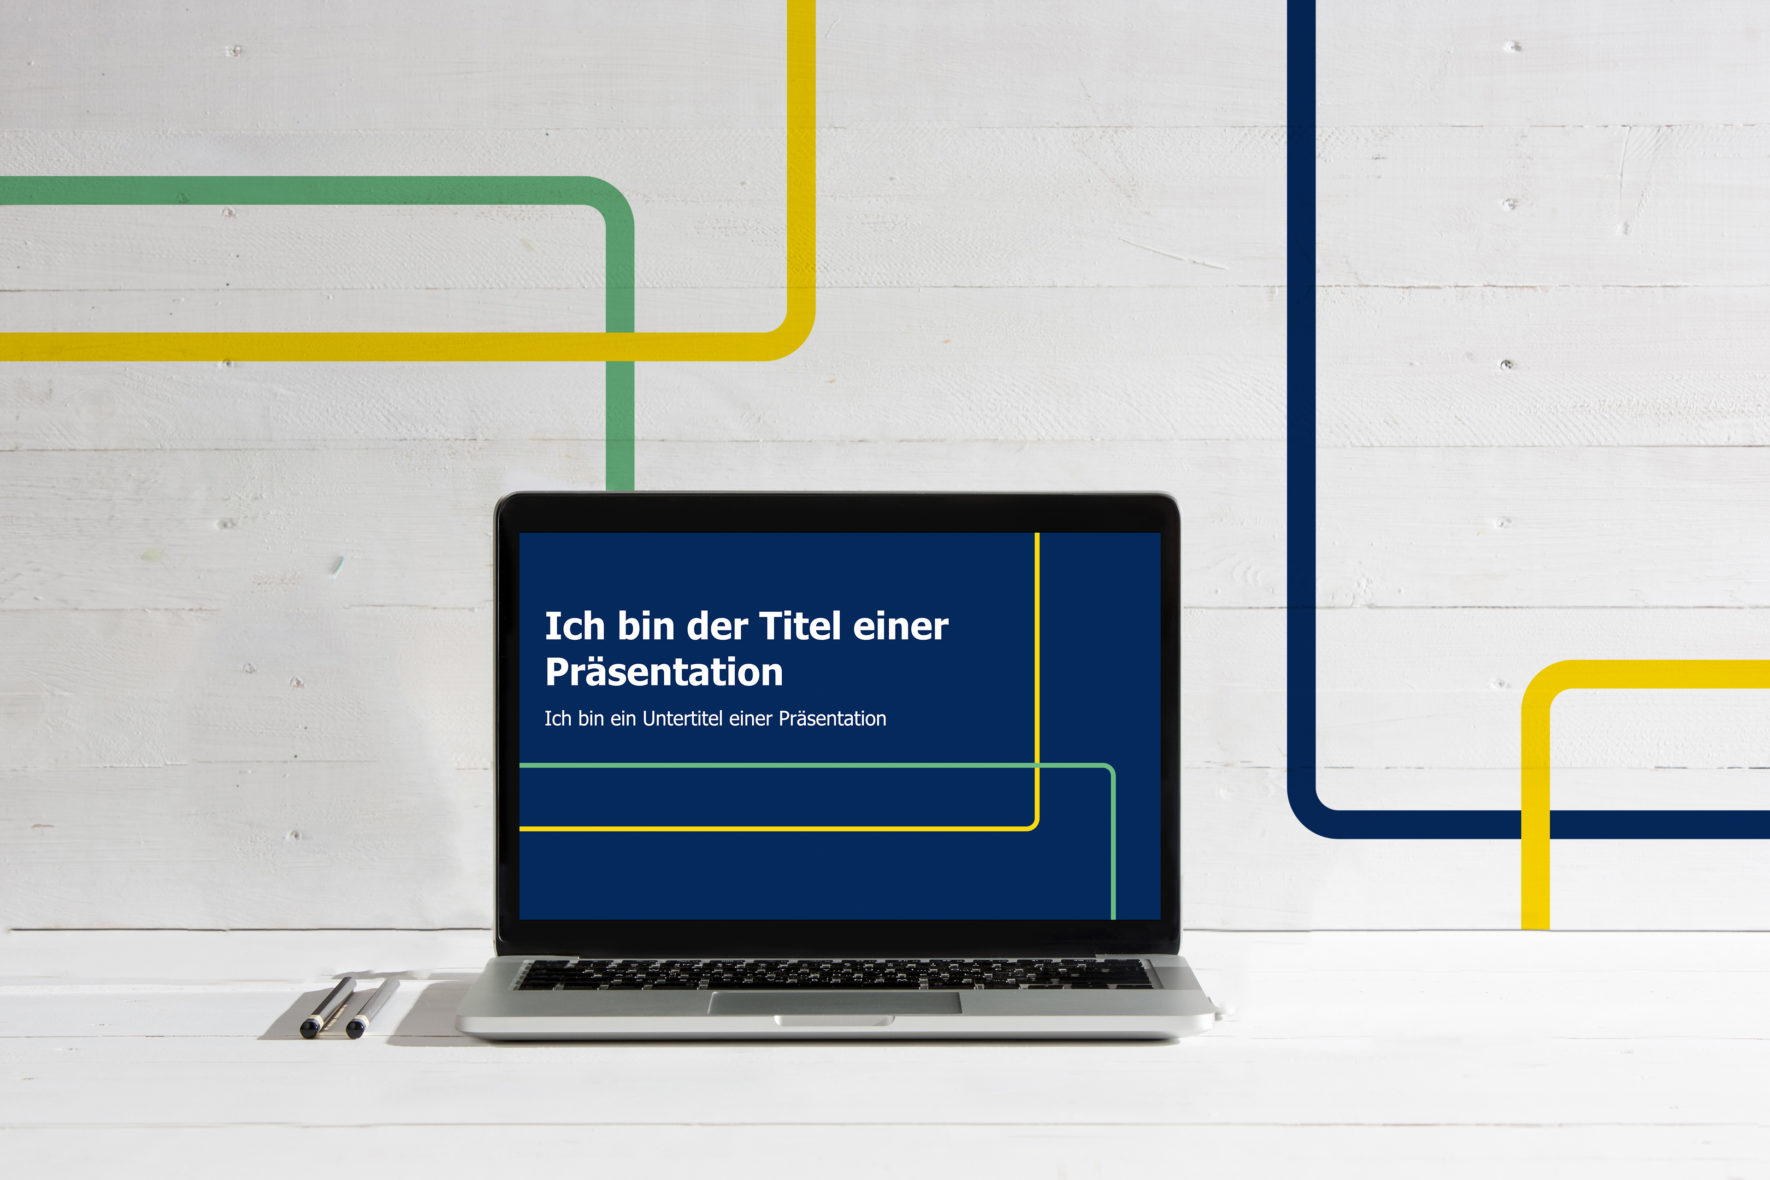 CoSales-Corporate-Design-Logo-Branding-Vorlage-Praesentation-FORMLOS-berlin